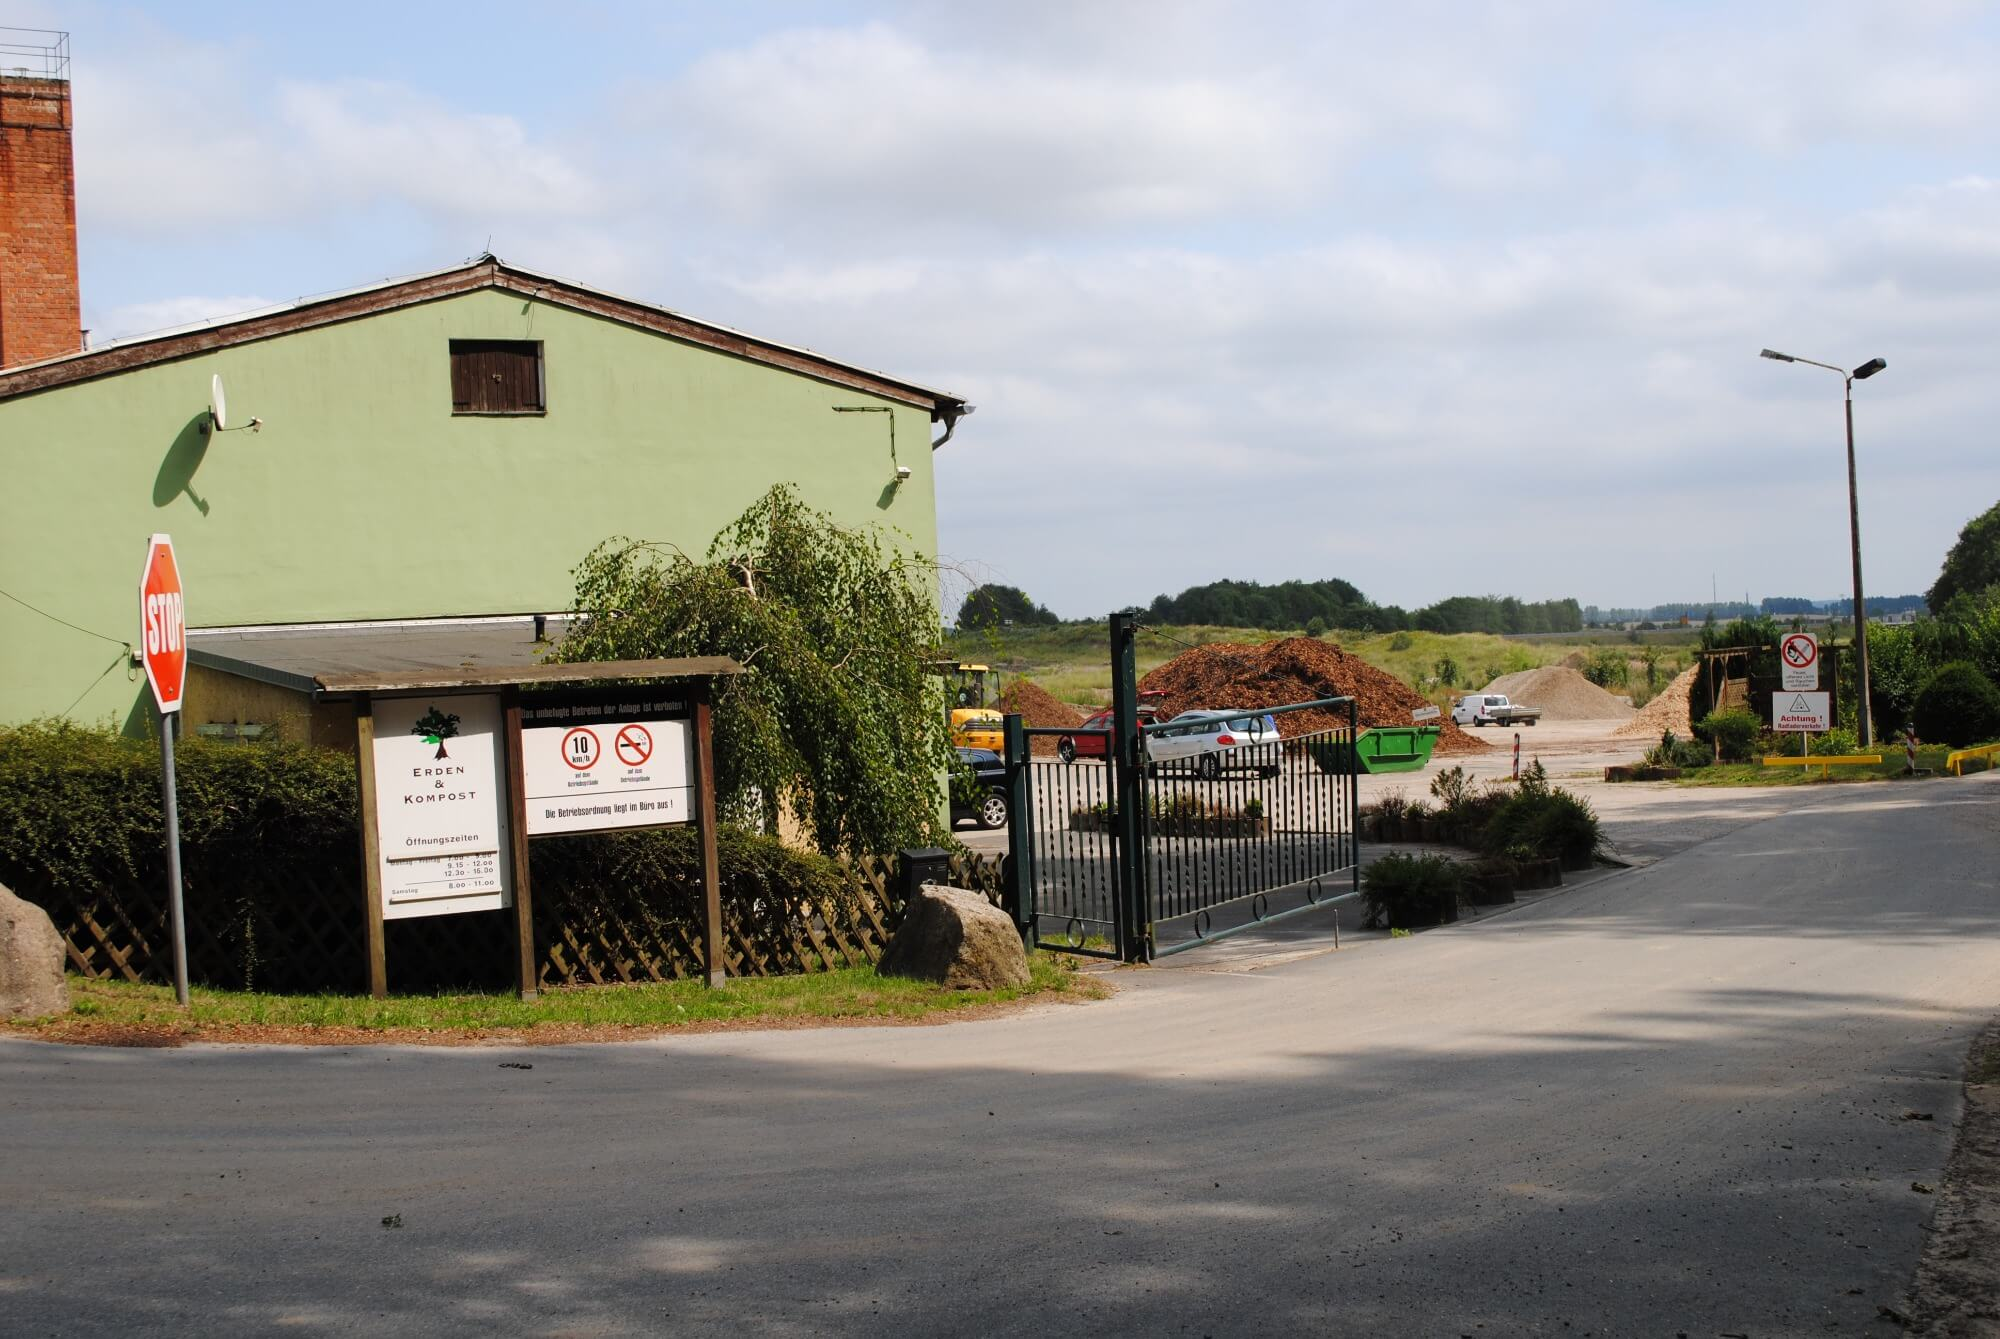 Erden & Kompost GbR